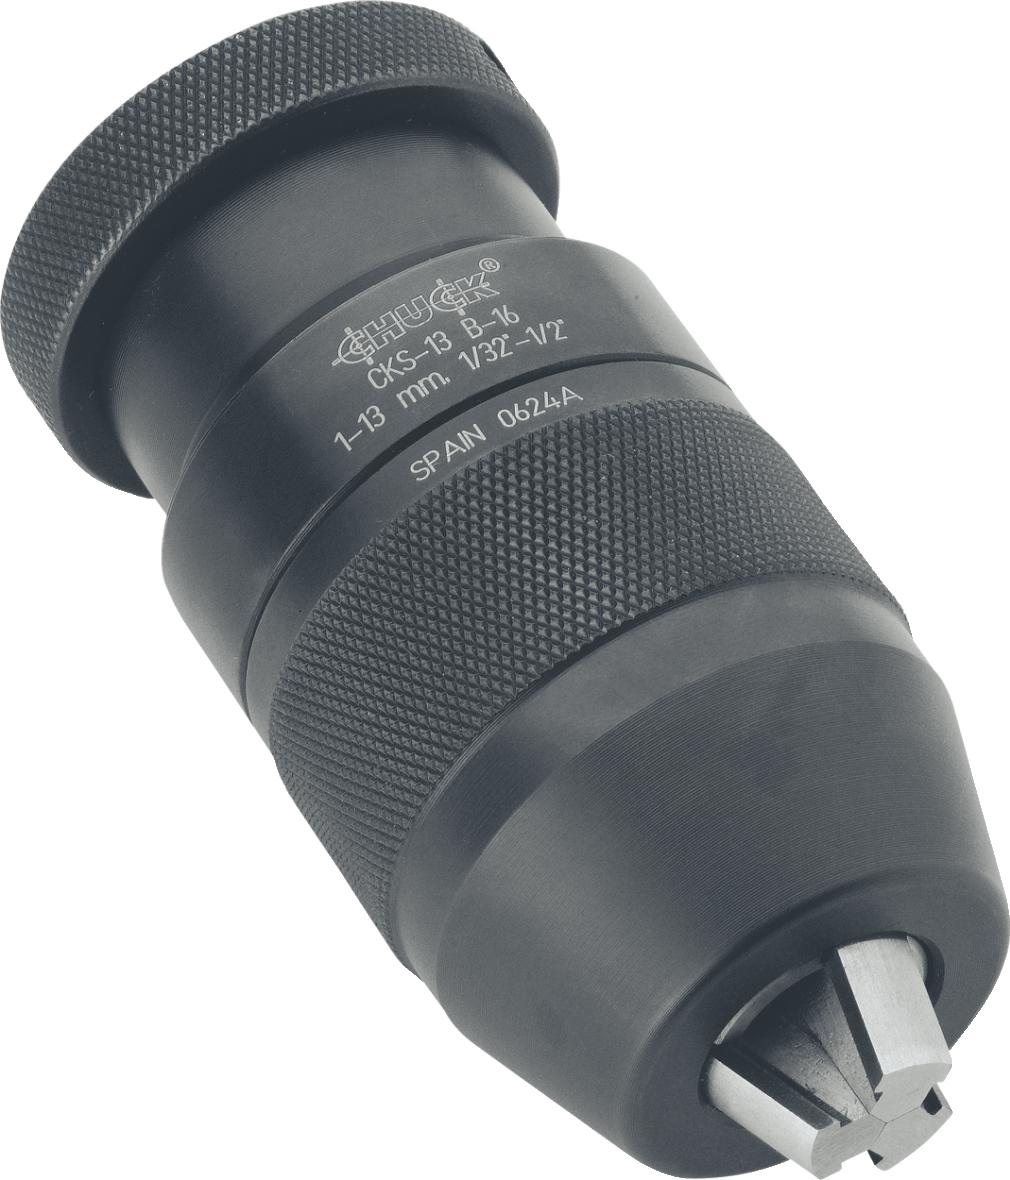 Samostezna glava (Borfuter) 3-16 mm B18, Llambrich